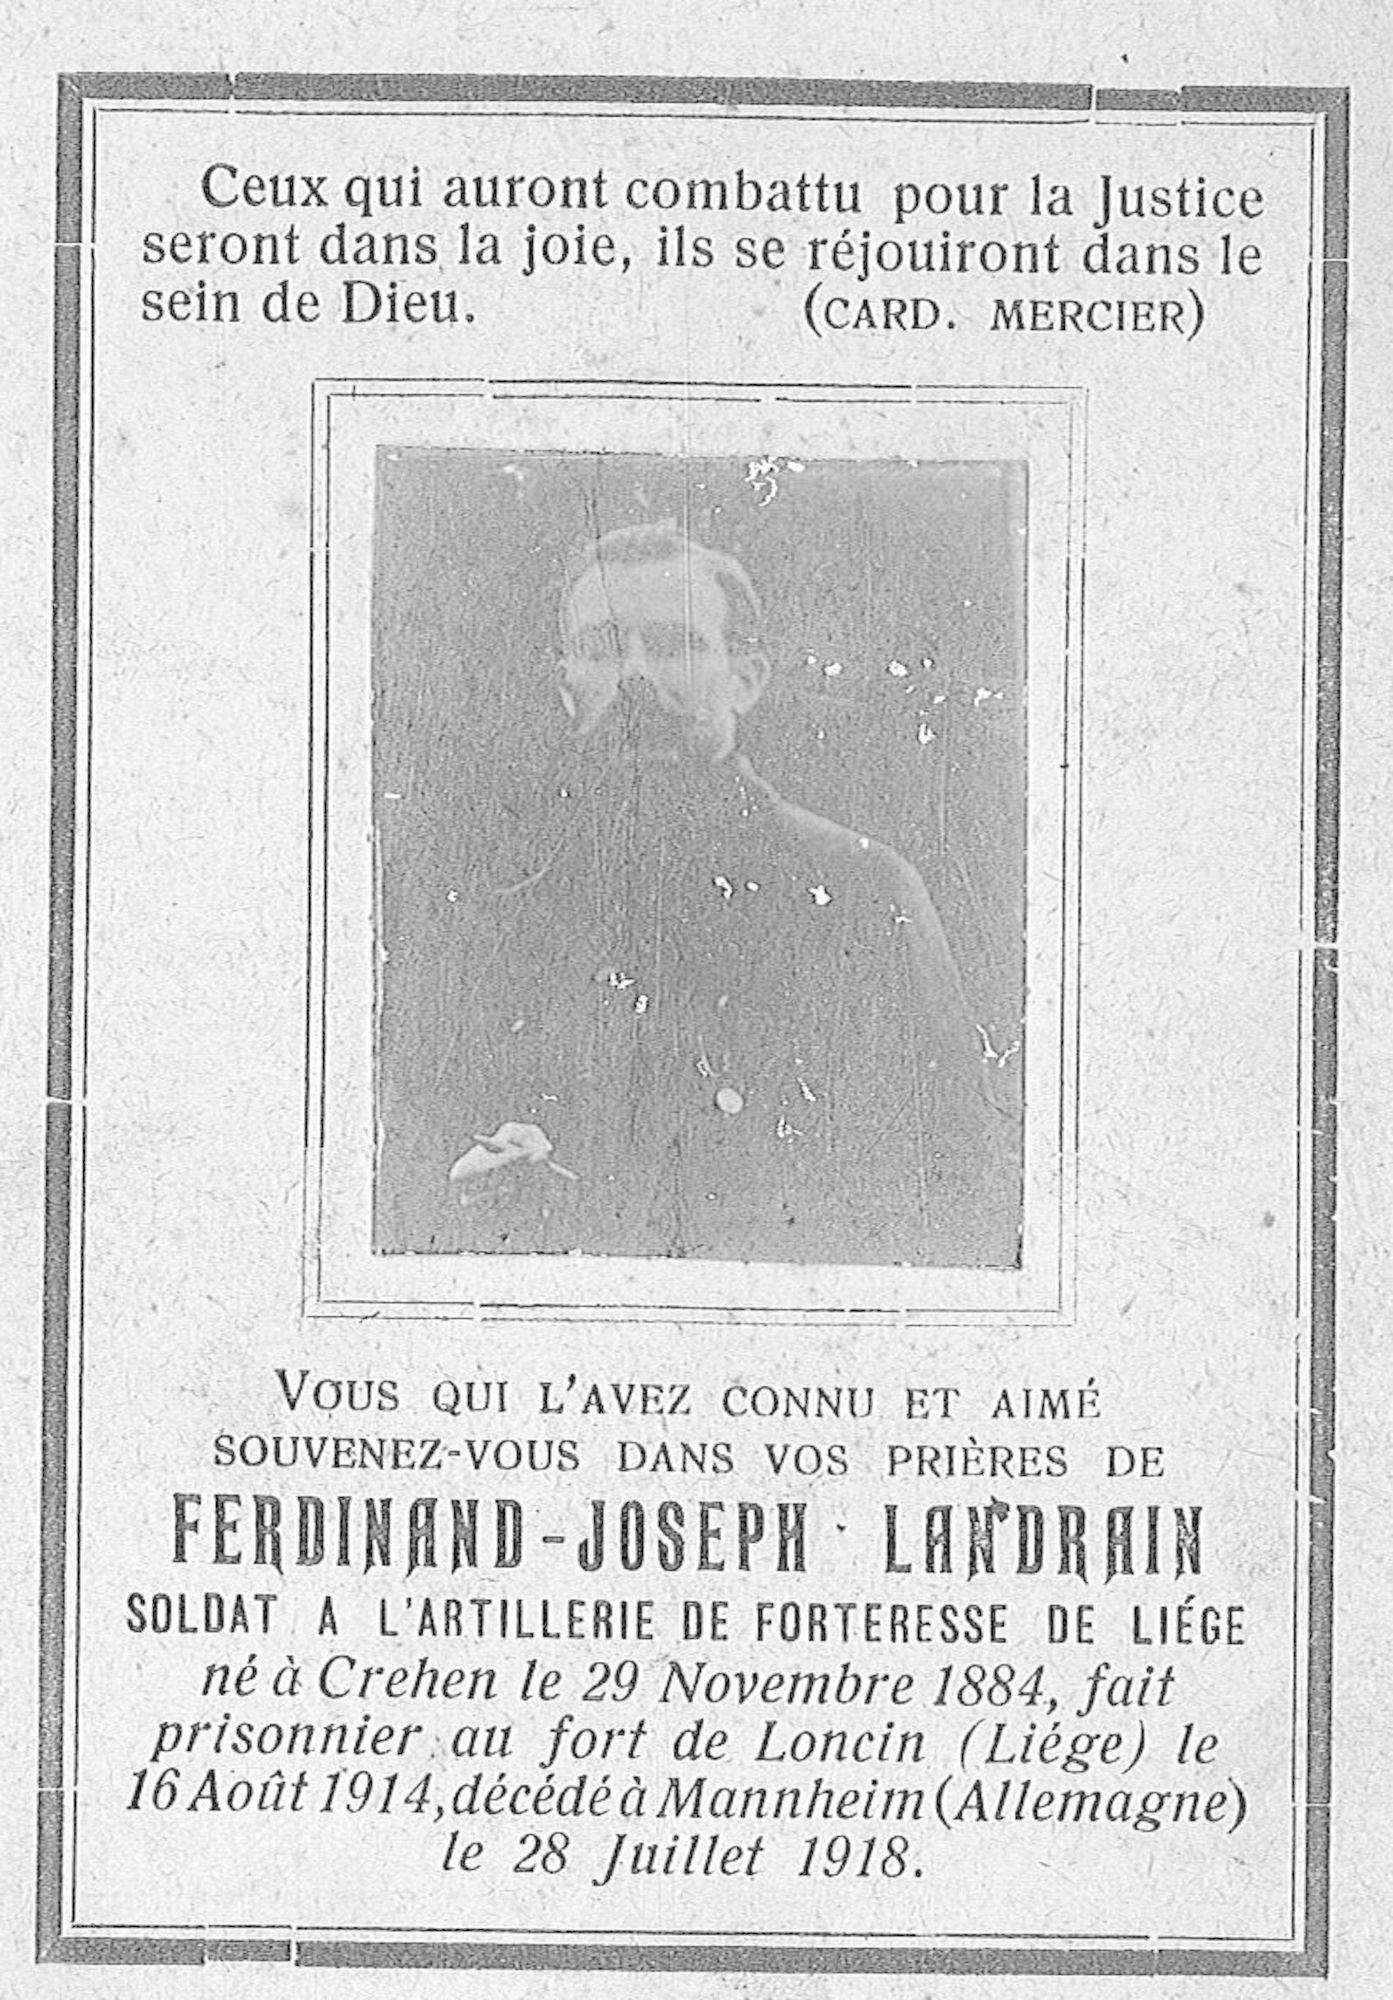 Ferdinand-Joseph Landrain